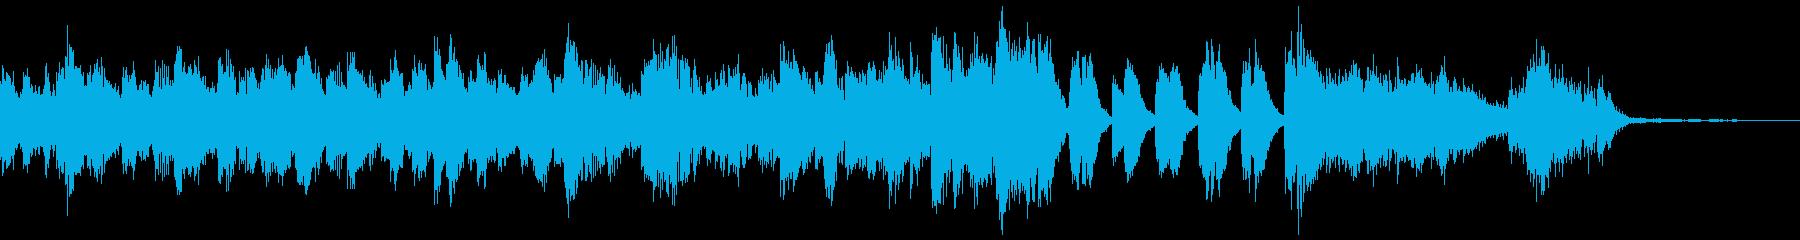 ハードでブルージーなジングル(ピアノ)の再生済みの波形